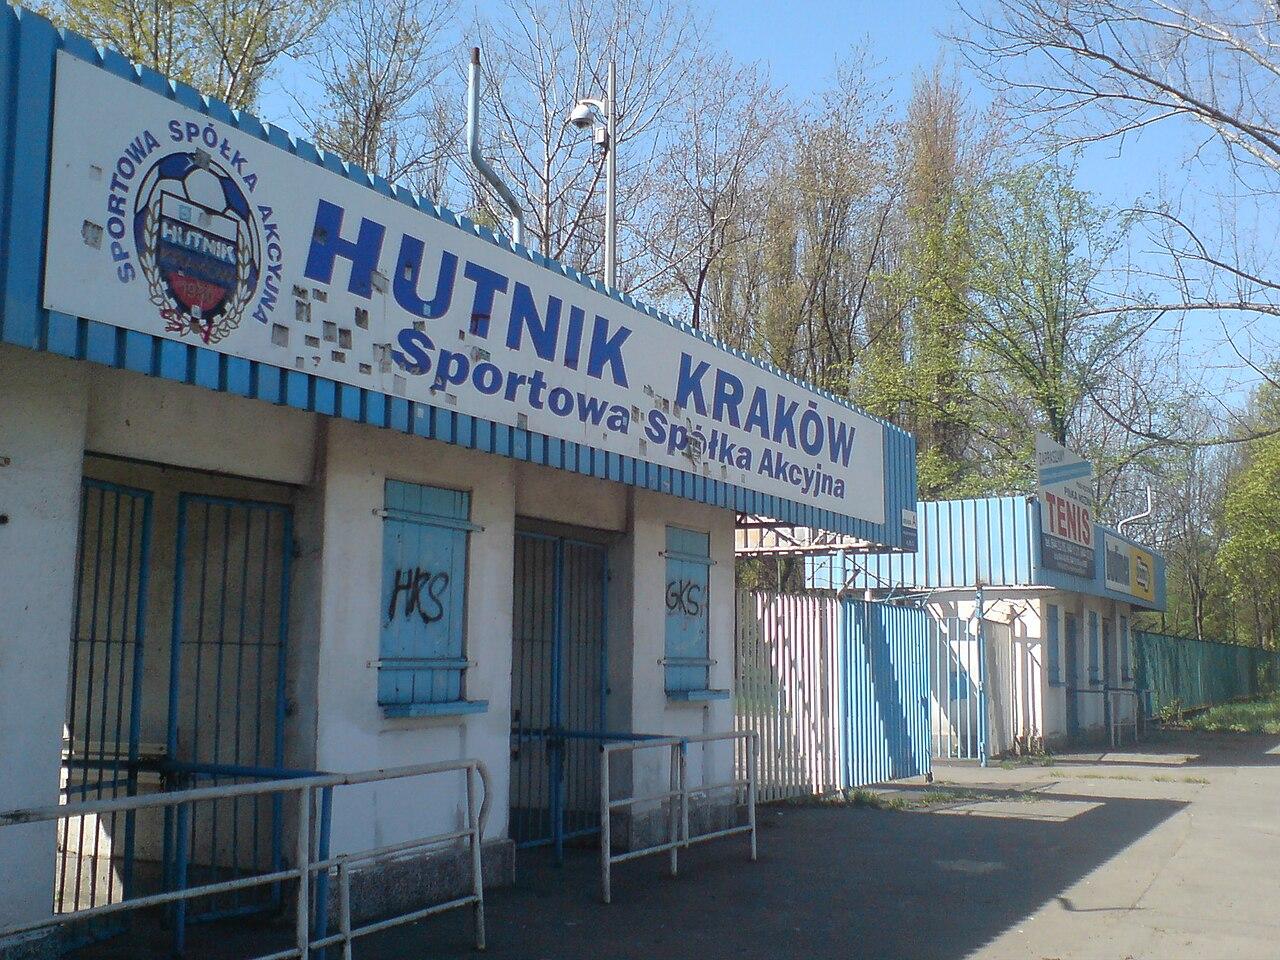 Upadli bogowie: Hutnik Kraków - Zzapołowy | O futbolu w ...